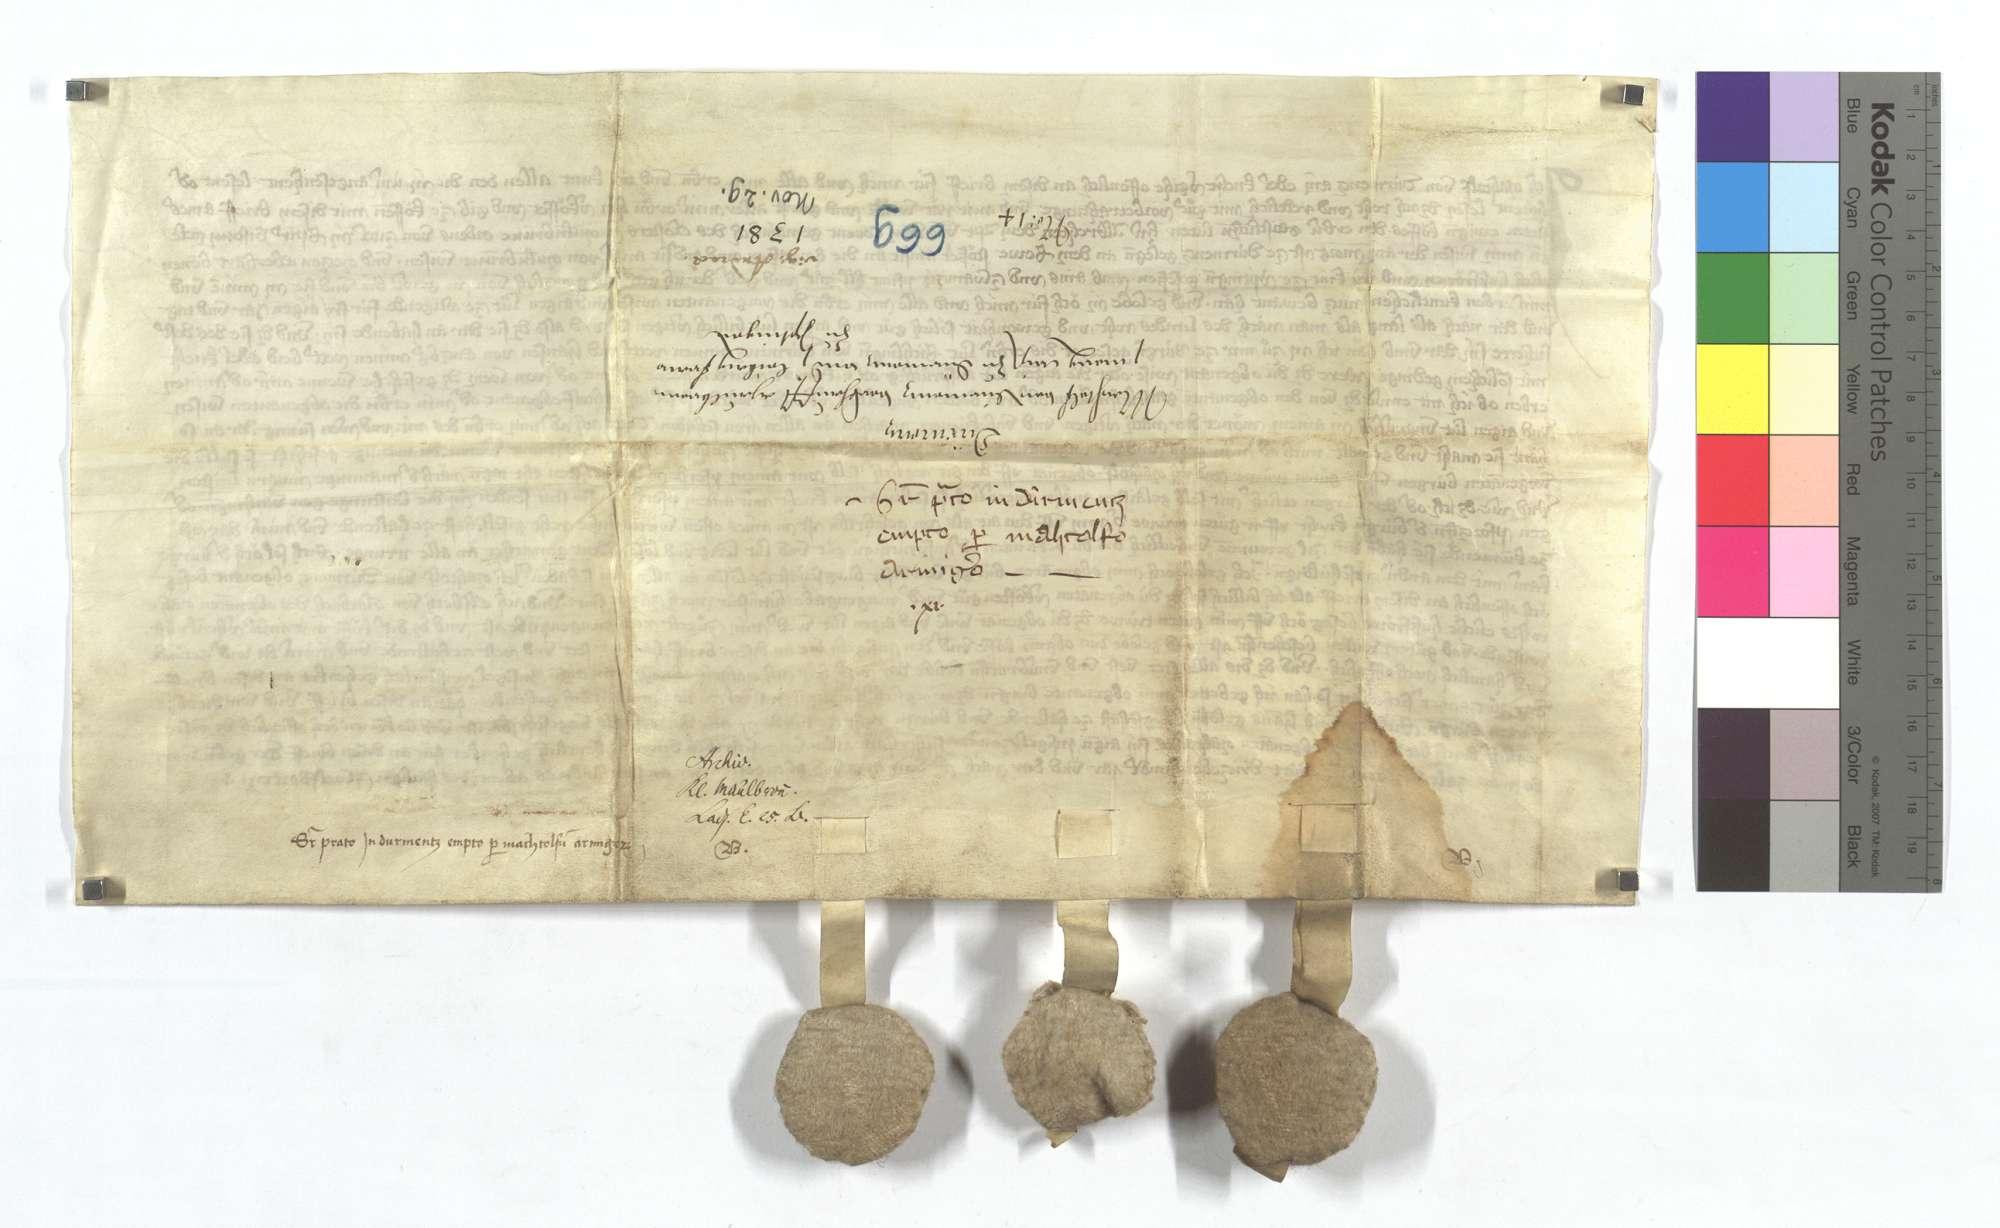 Machtolf von Dürrmenz verkauft dem Kloster Maulbronn eine Wiese in Dürrmenz und eine leibeigene Frau in Iptingen., Rückseite